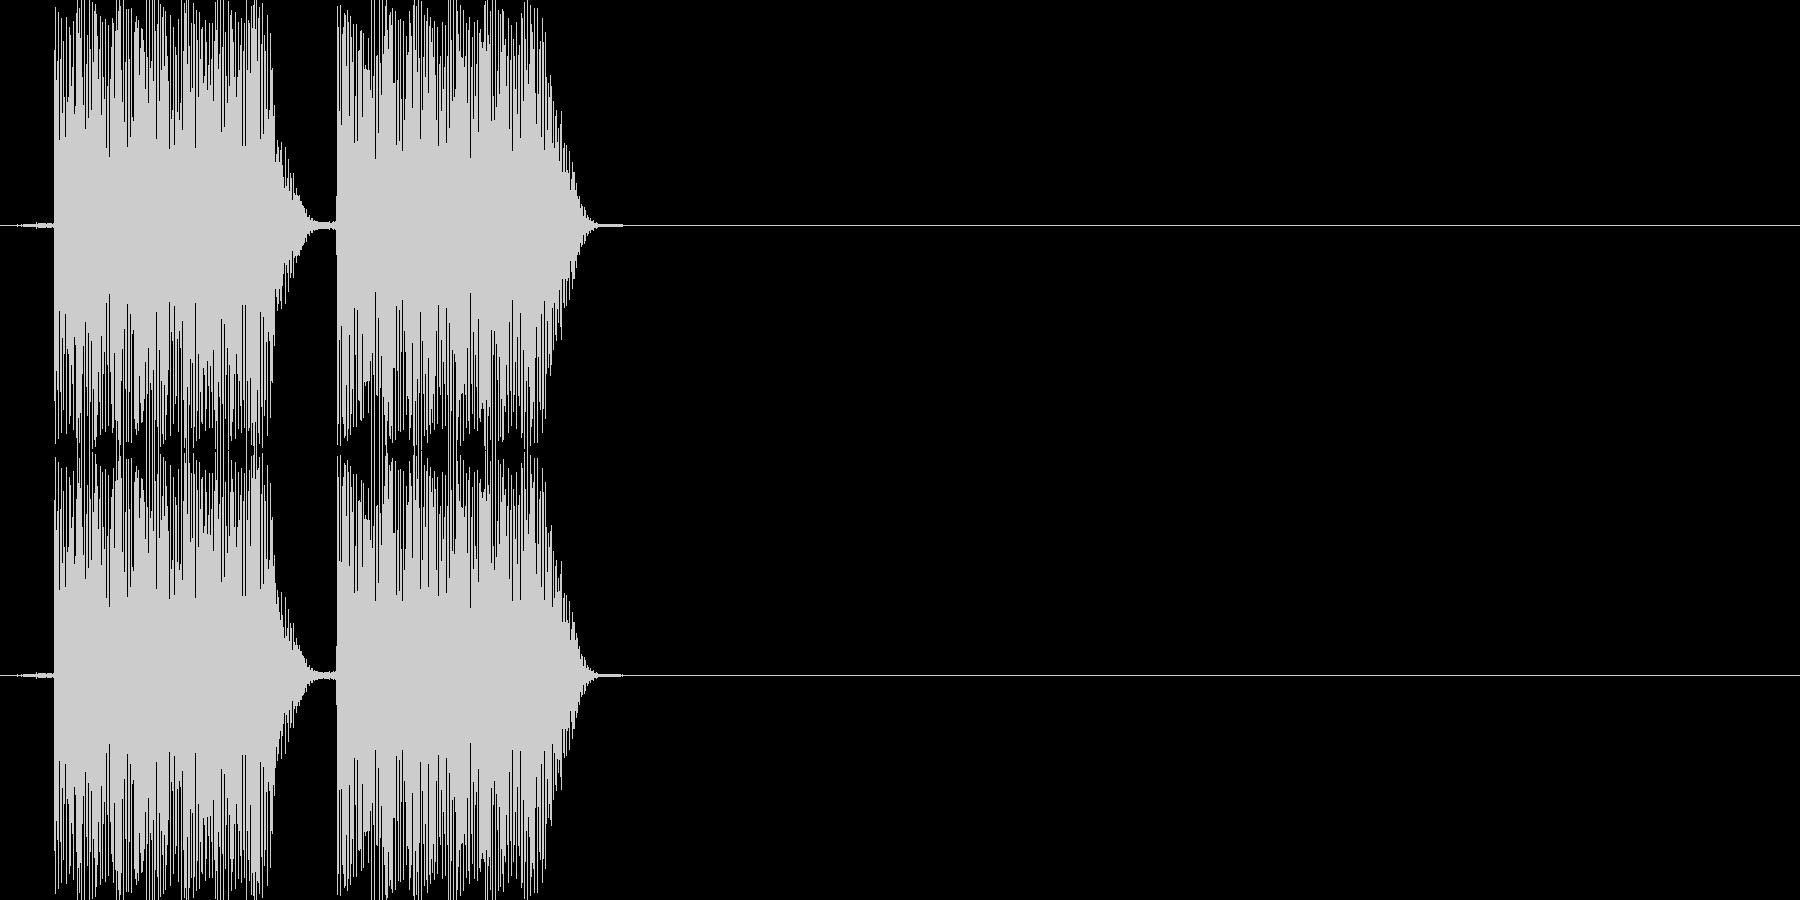 ビビッ(PC、キャンセル音)の未再生の波形